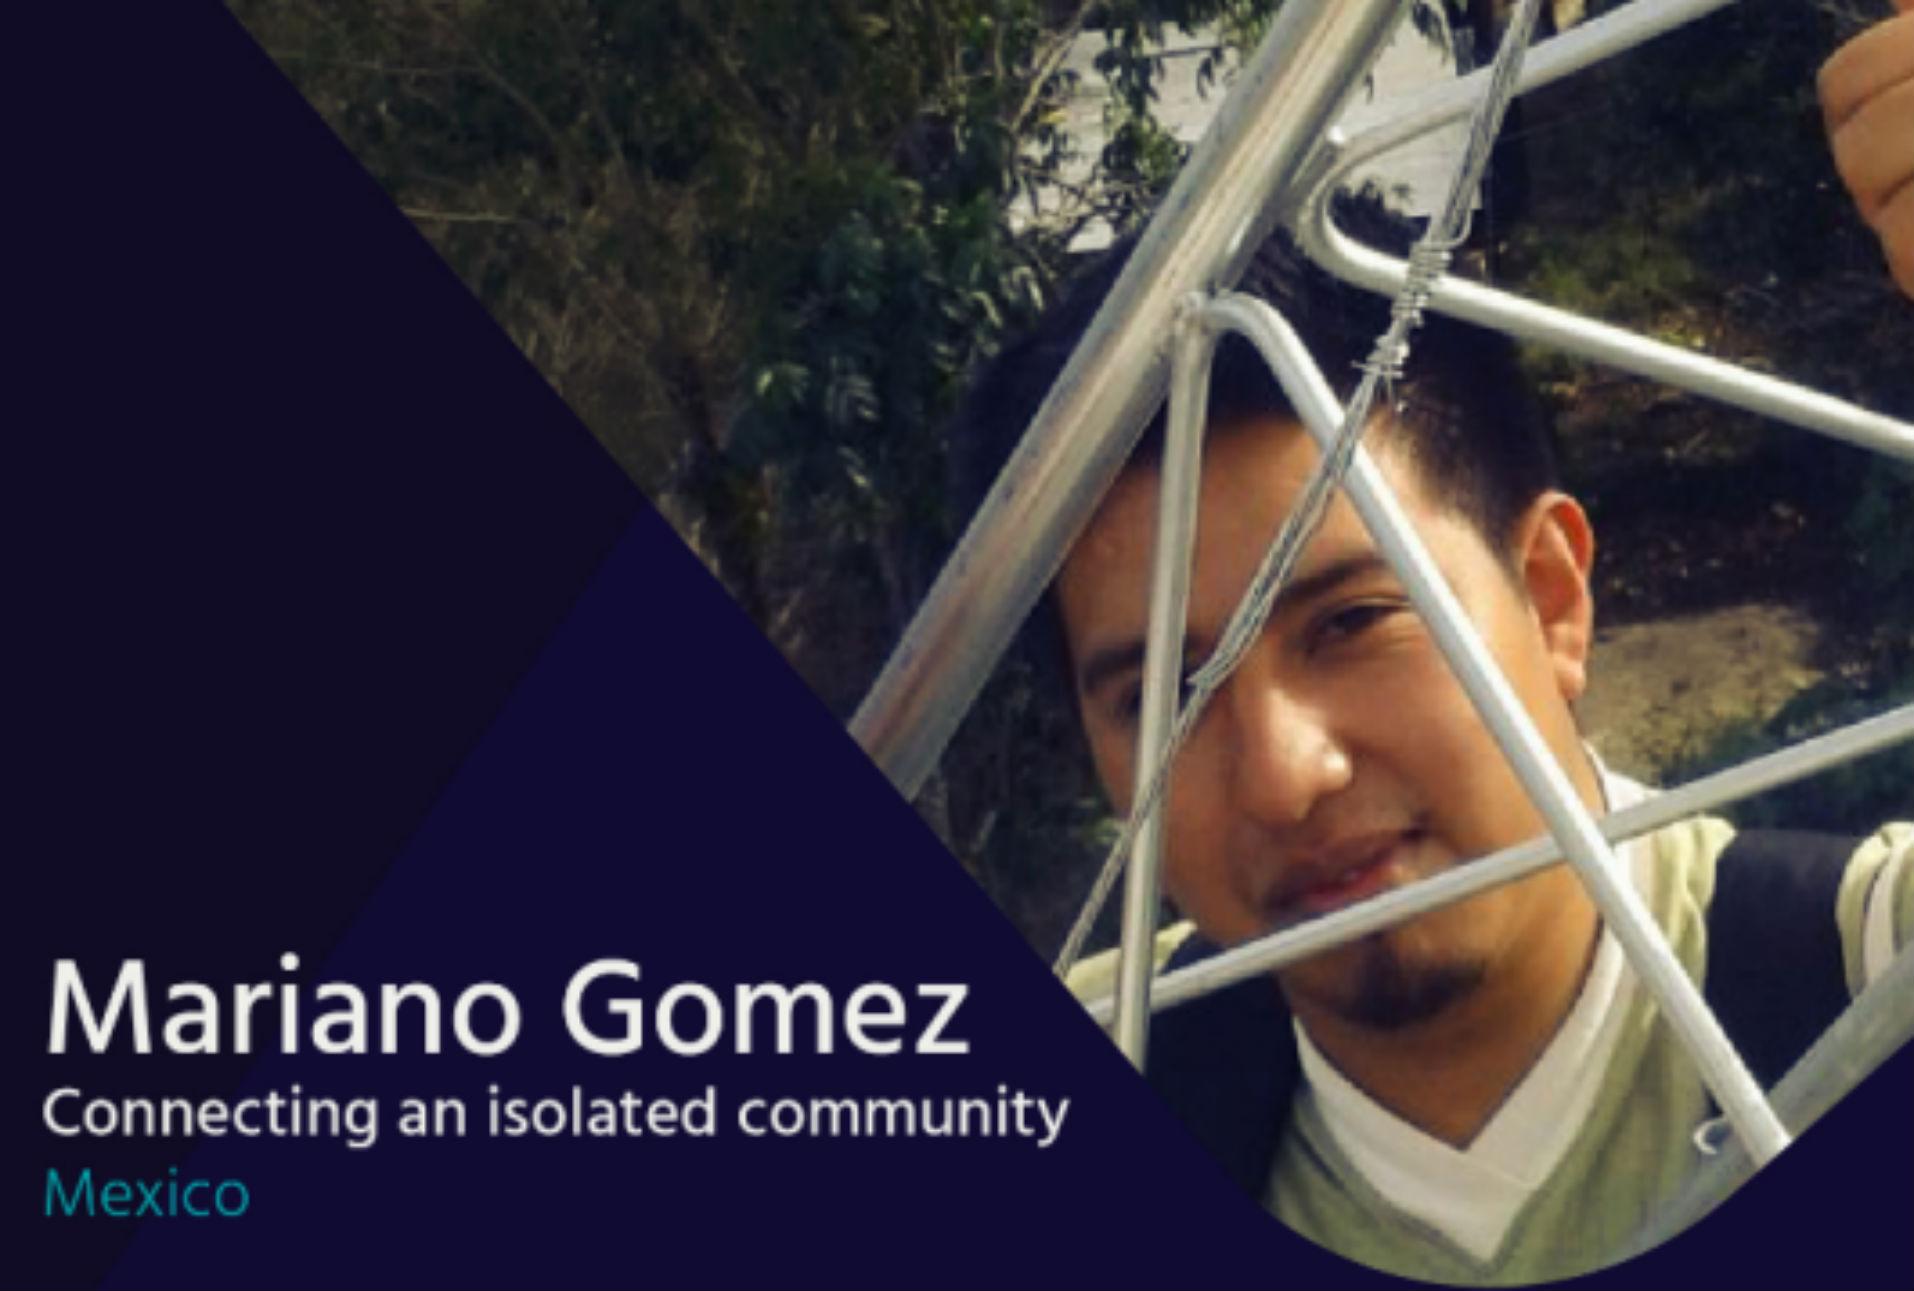 ISOC reconoce a joven tseltal por llevar Internet a su comunidad; EE.UU. le niega visa para recoger premio